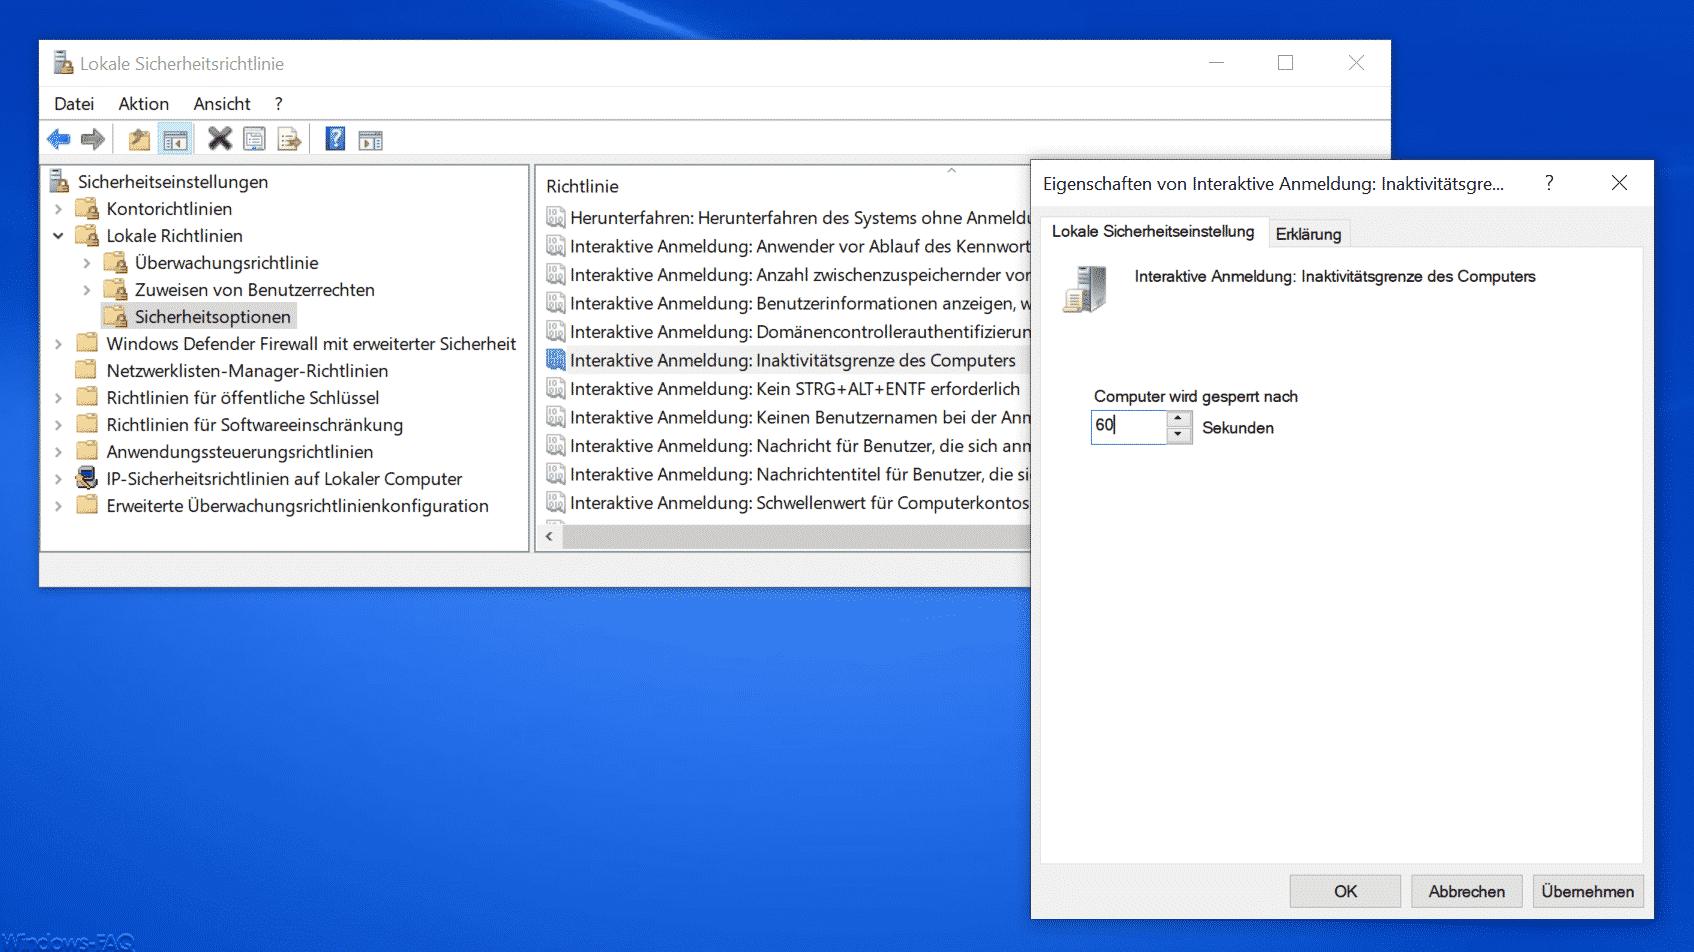 Interaktive Anmeldung Inaktivitätsgrenze des Computers